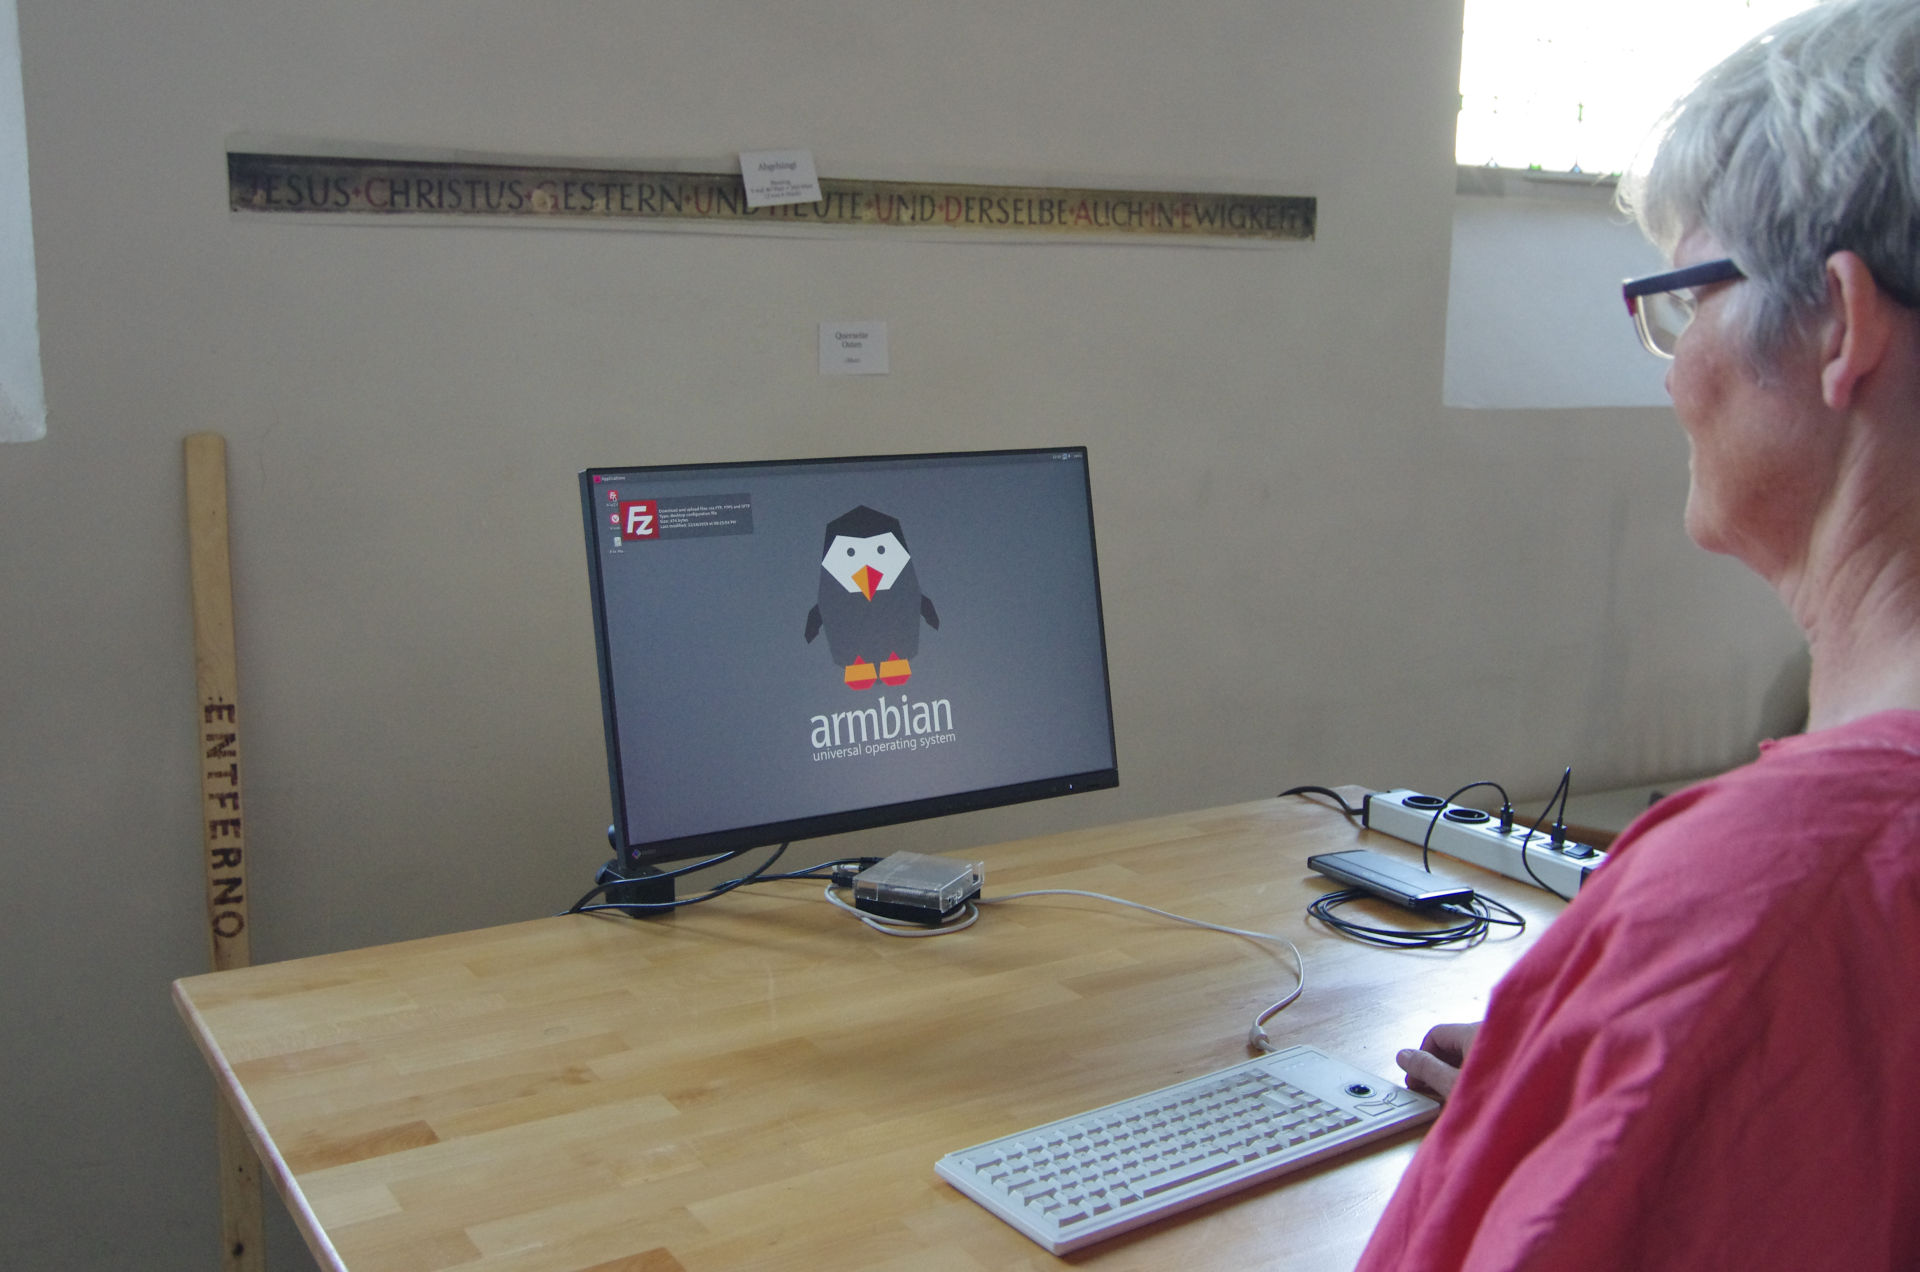 Minimalistische PC-Platz Ausstattung: Bildschirm, Tastatur, Minicomputer (Raspberry Pie)